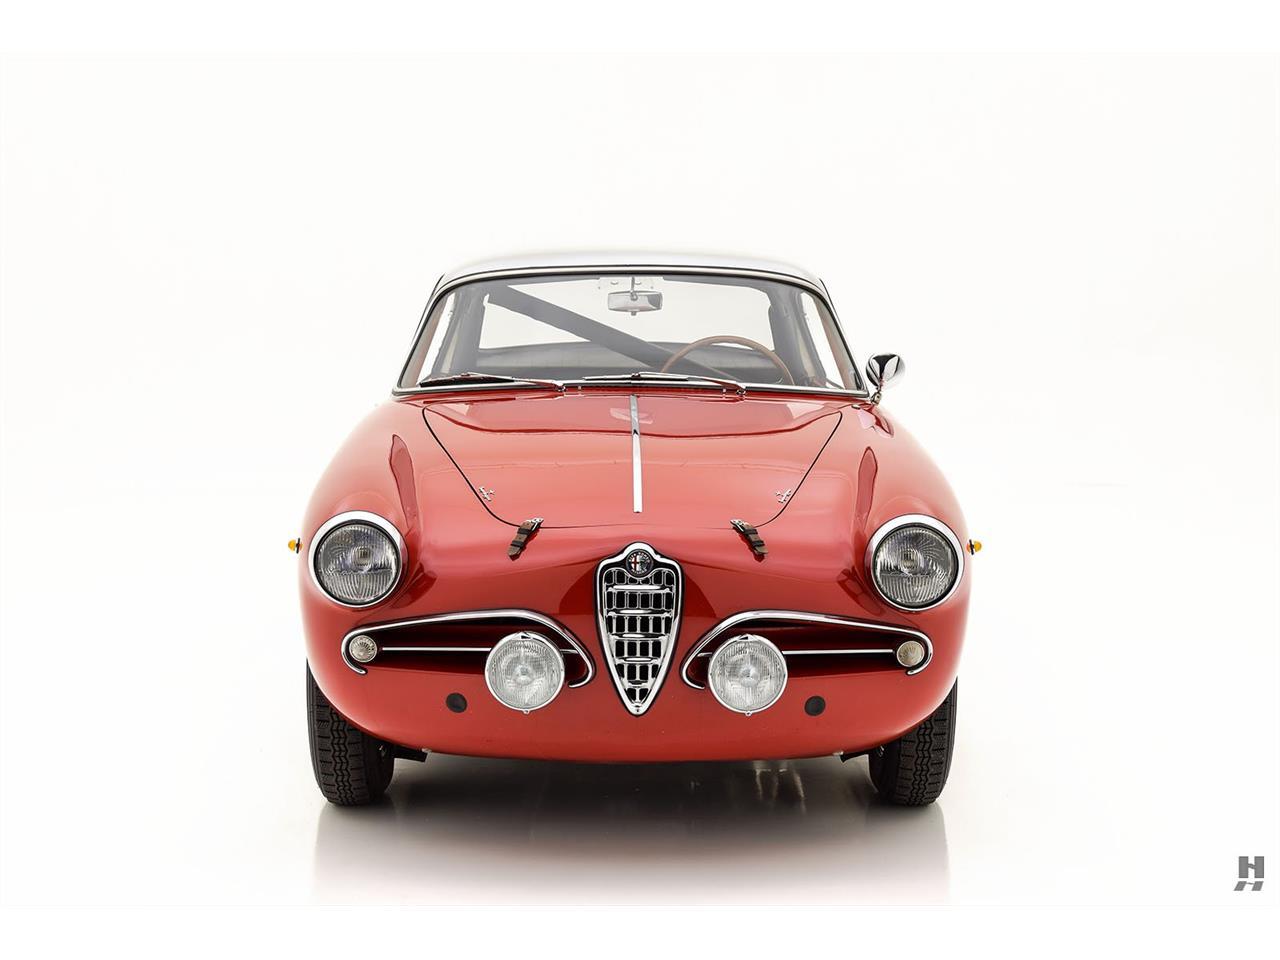 Large Picture of '57 Alfa Romeo 1900 CSS located in Saint Louis Missouri - $198,500.00 - PKS7